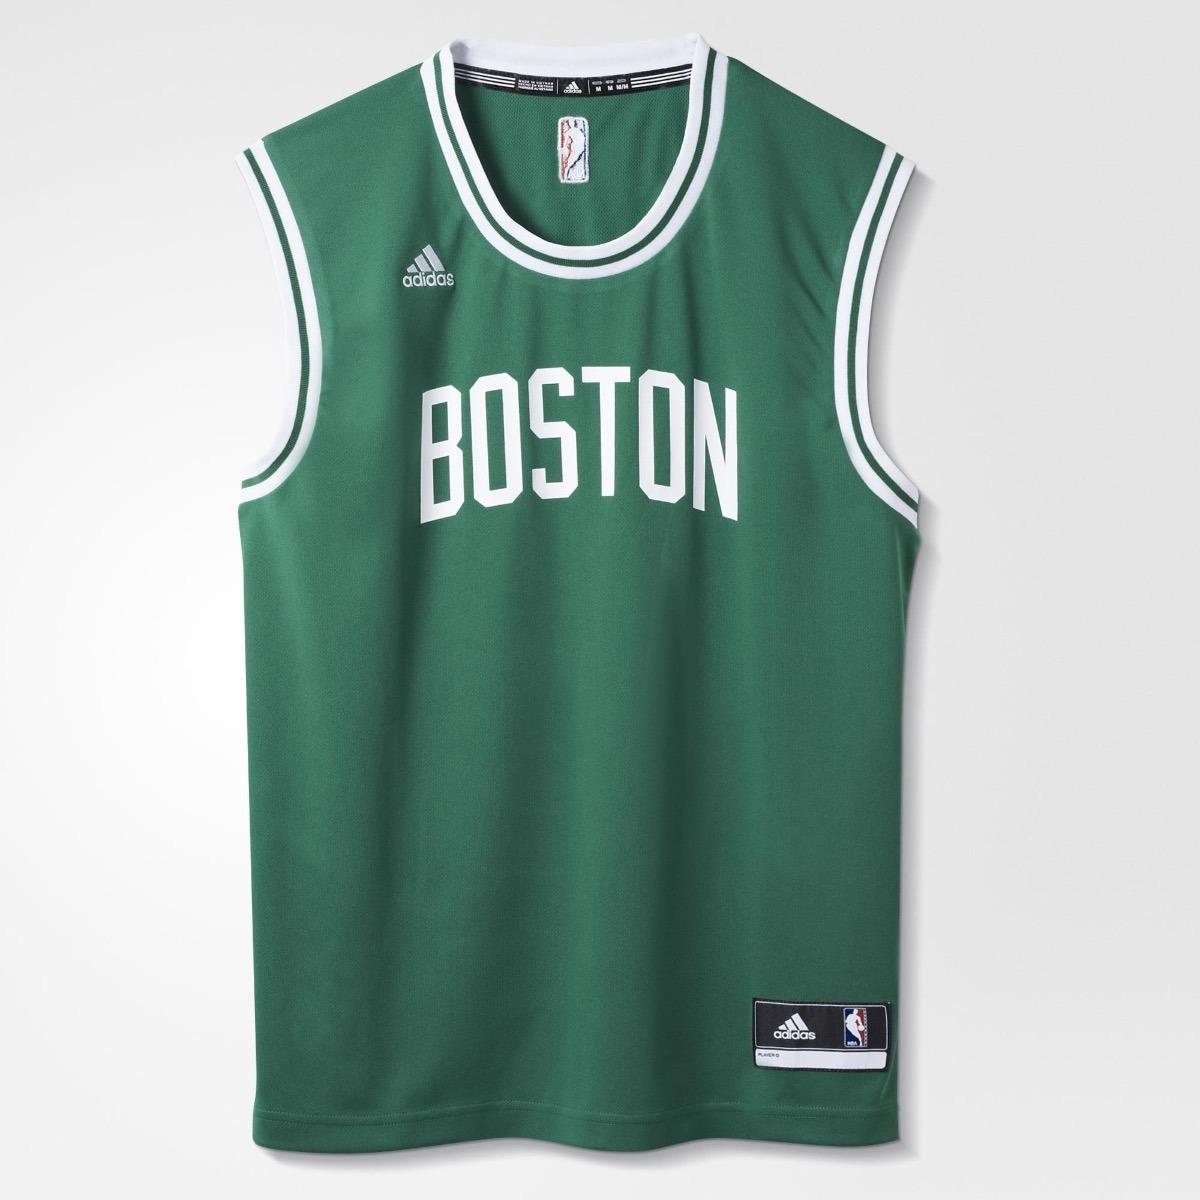 f542d14fff basquetbol jersey playera adidas de los celtics de boston. Cargando zoom.